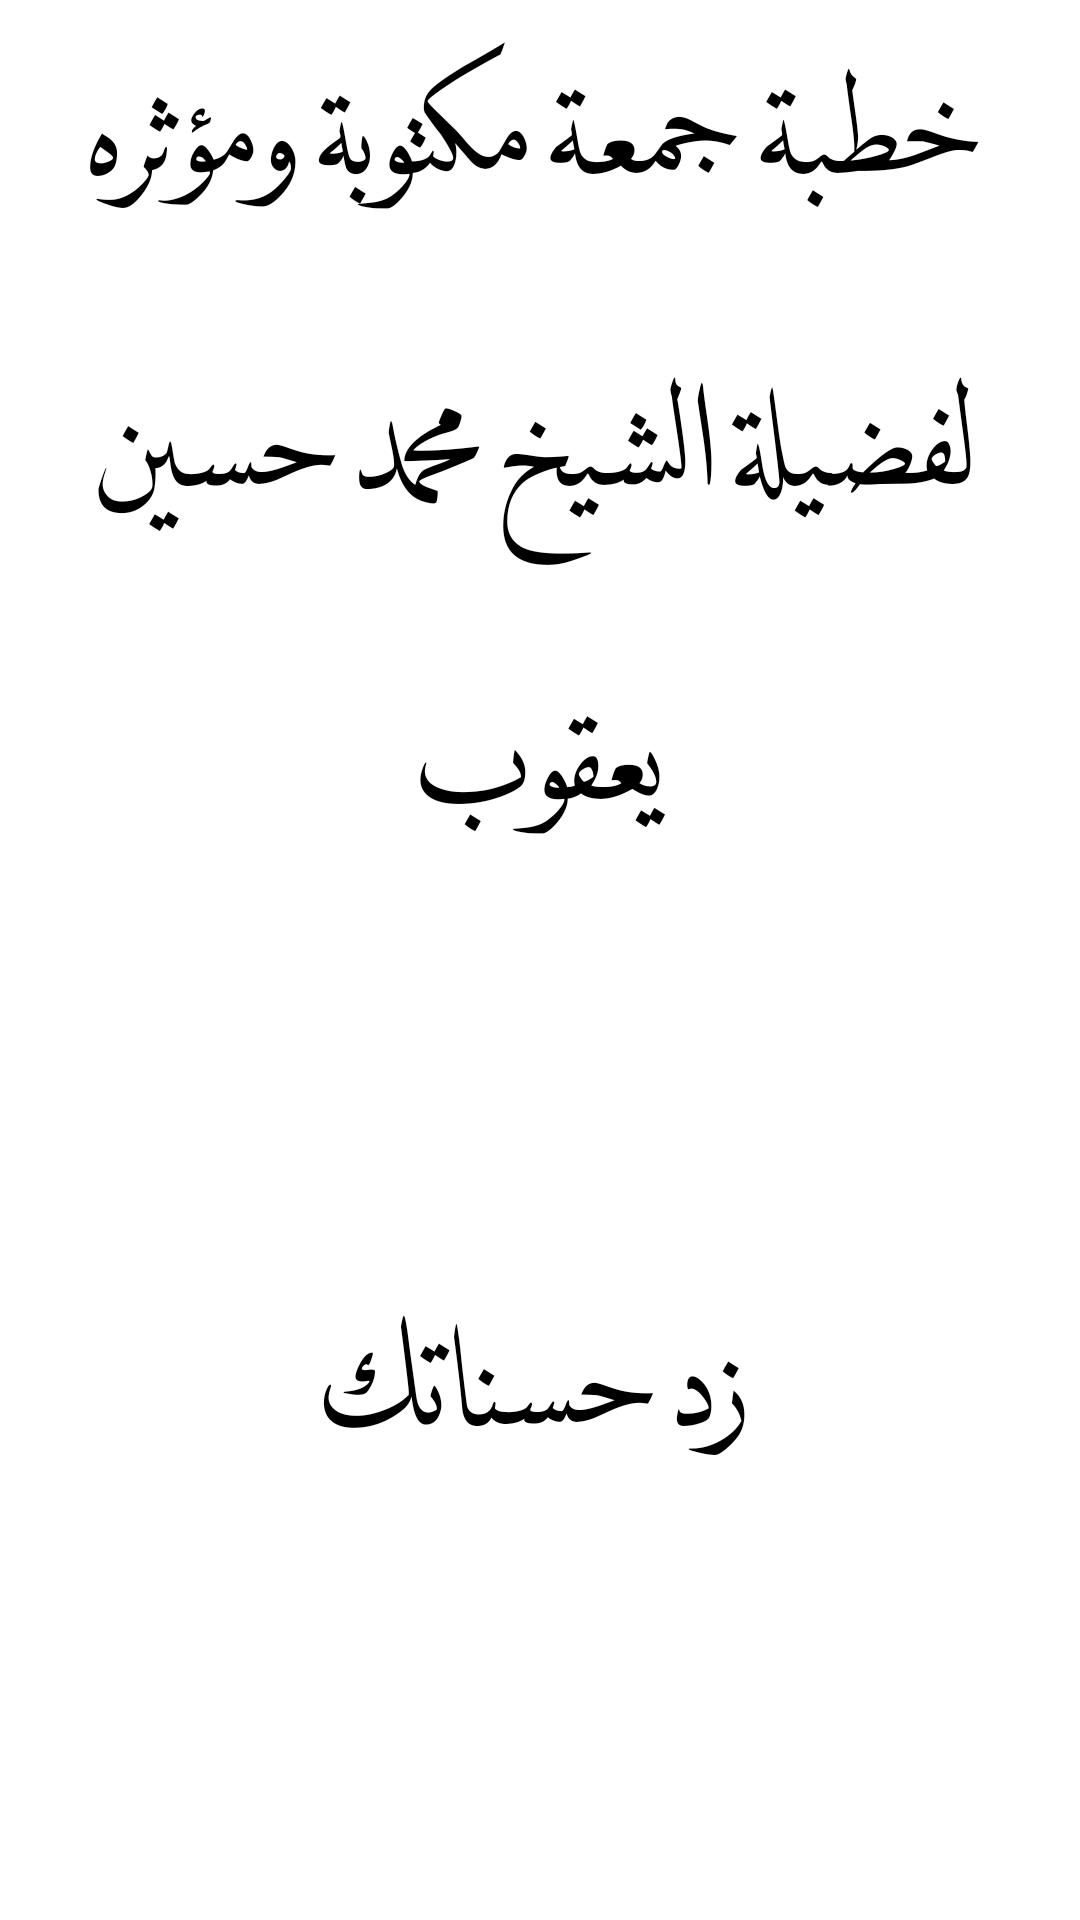 خطبة جمعة مكتوبة وموثره للشيخ محمد حسين يعقوب بعنوان أمراض القلوب